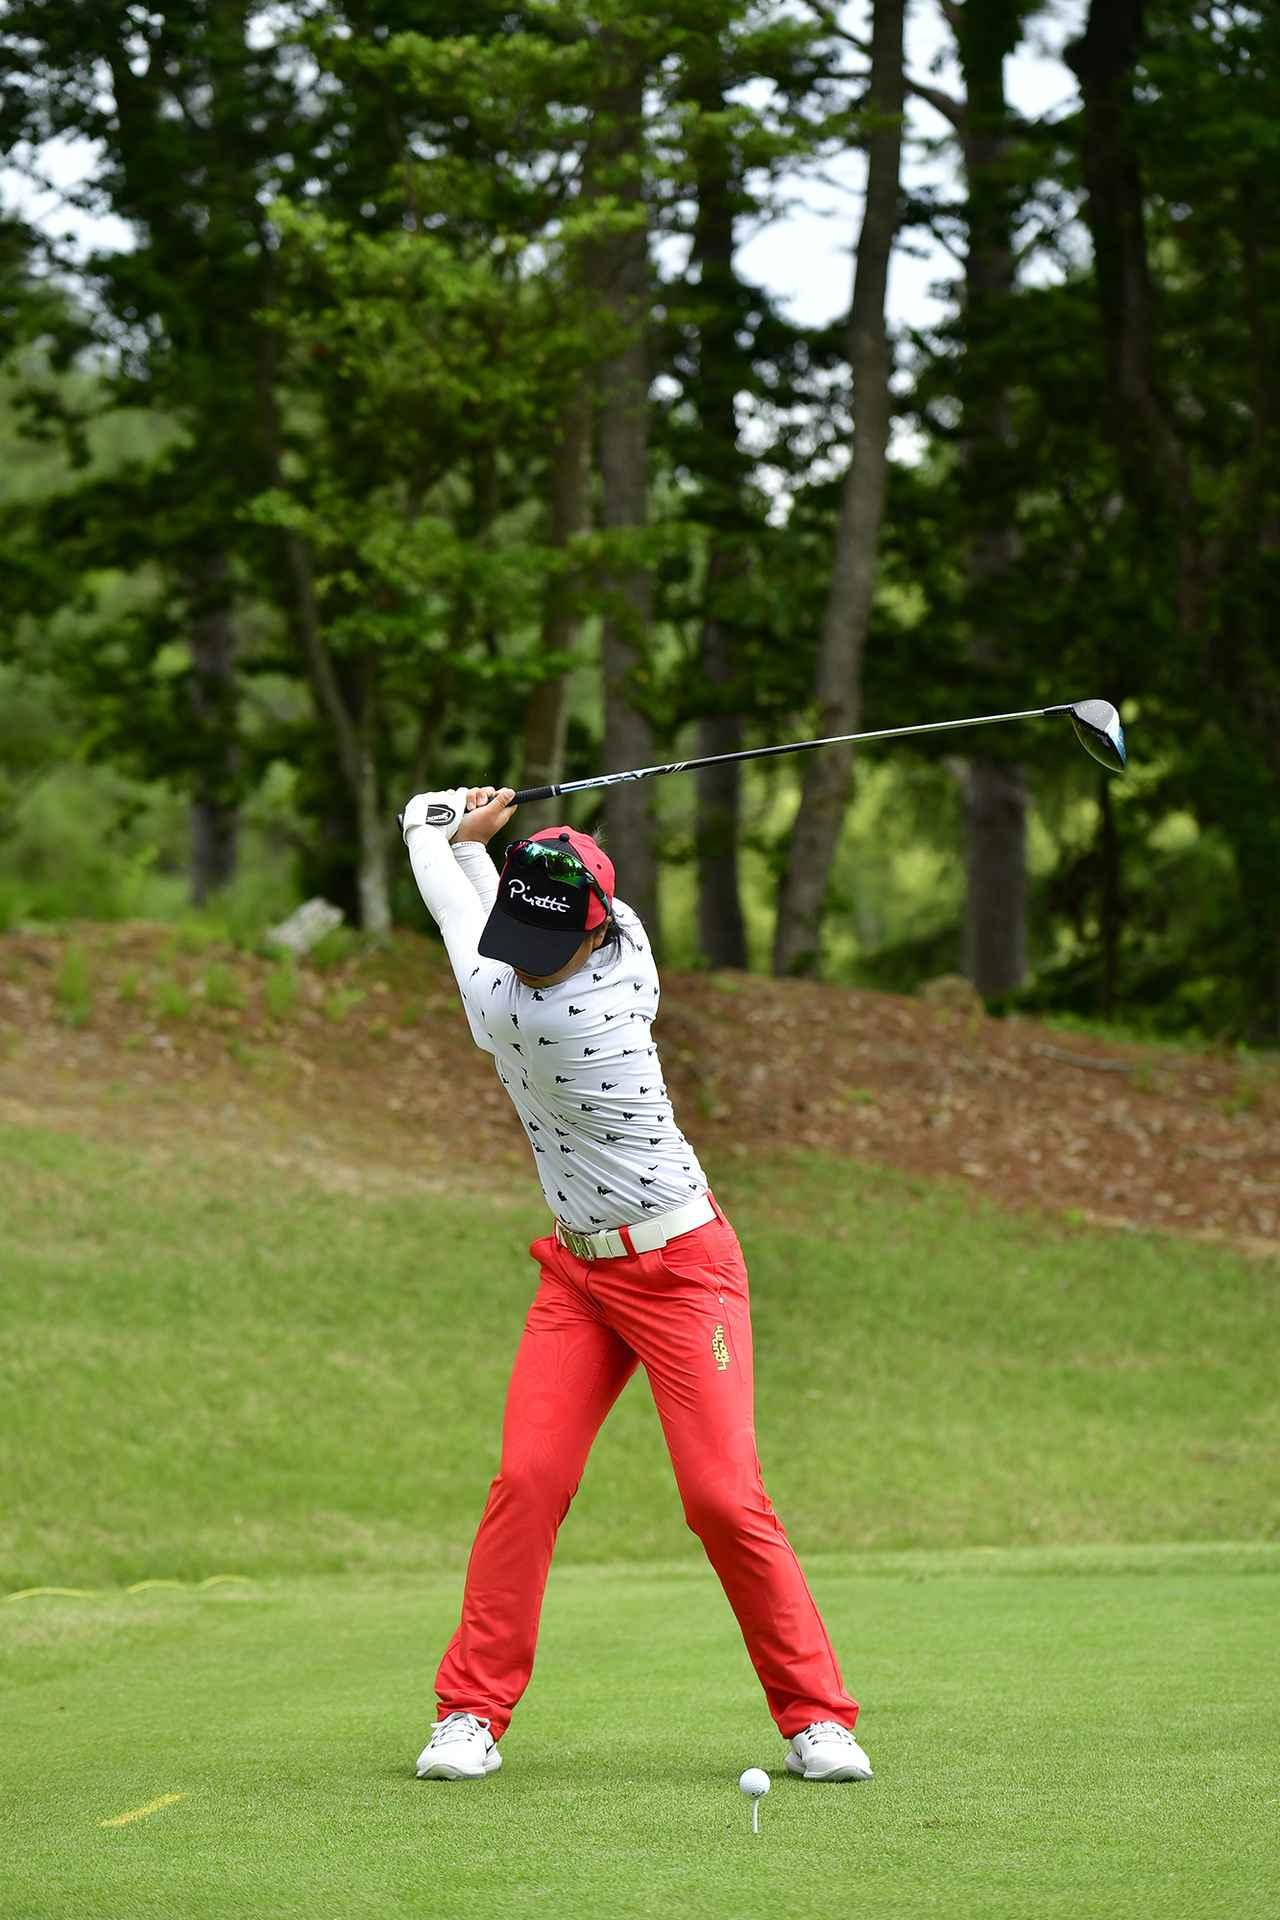 画像 : 3番目の画像 - 笹生優花のドライバー連続写真 - みんなのゴルフダイジェスト